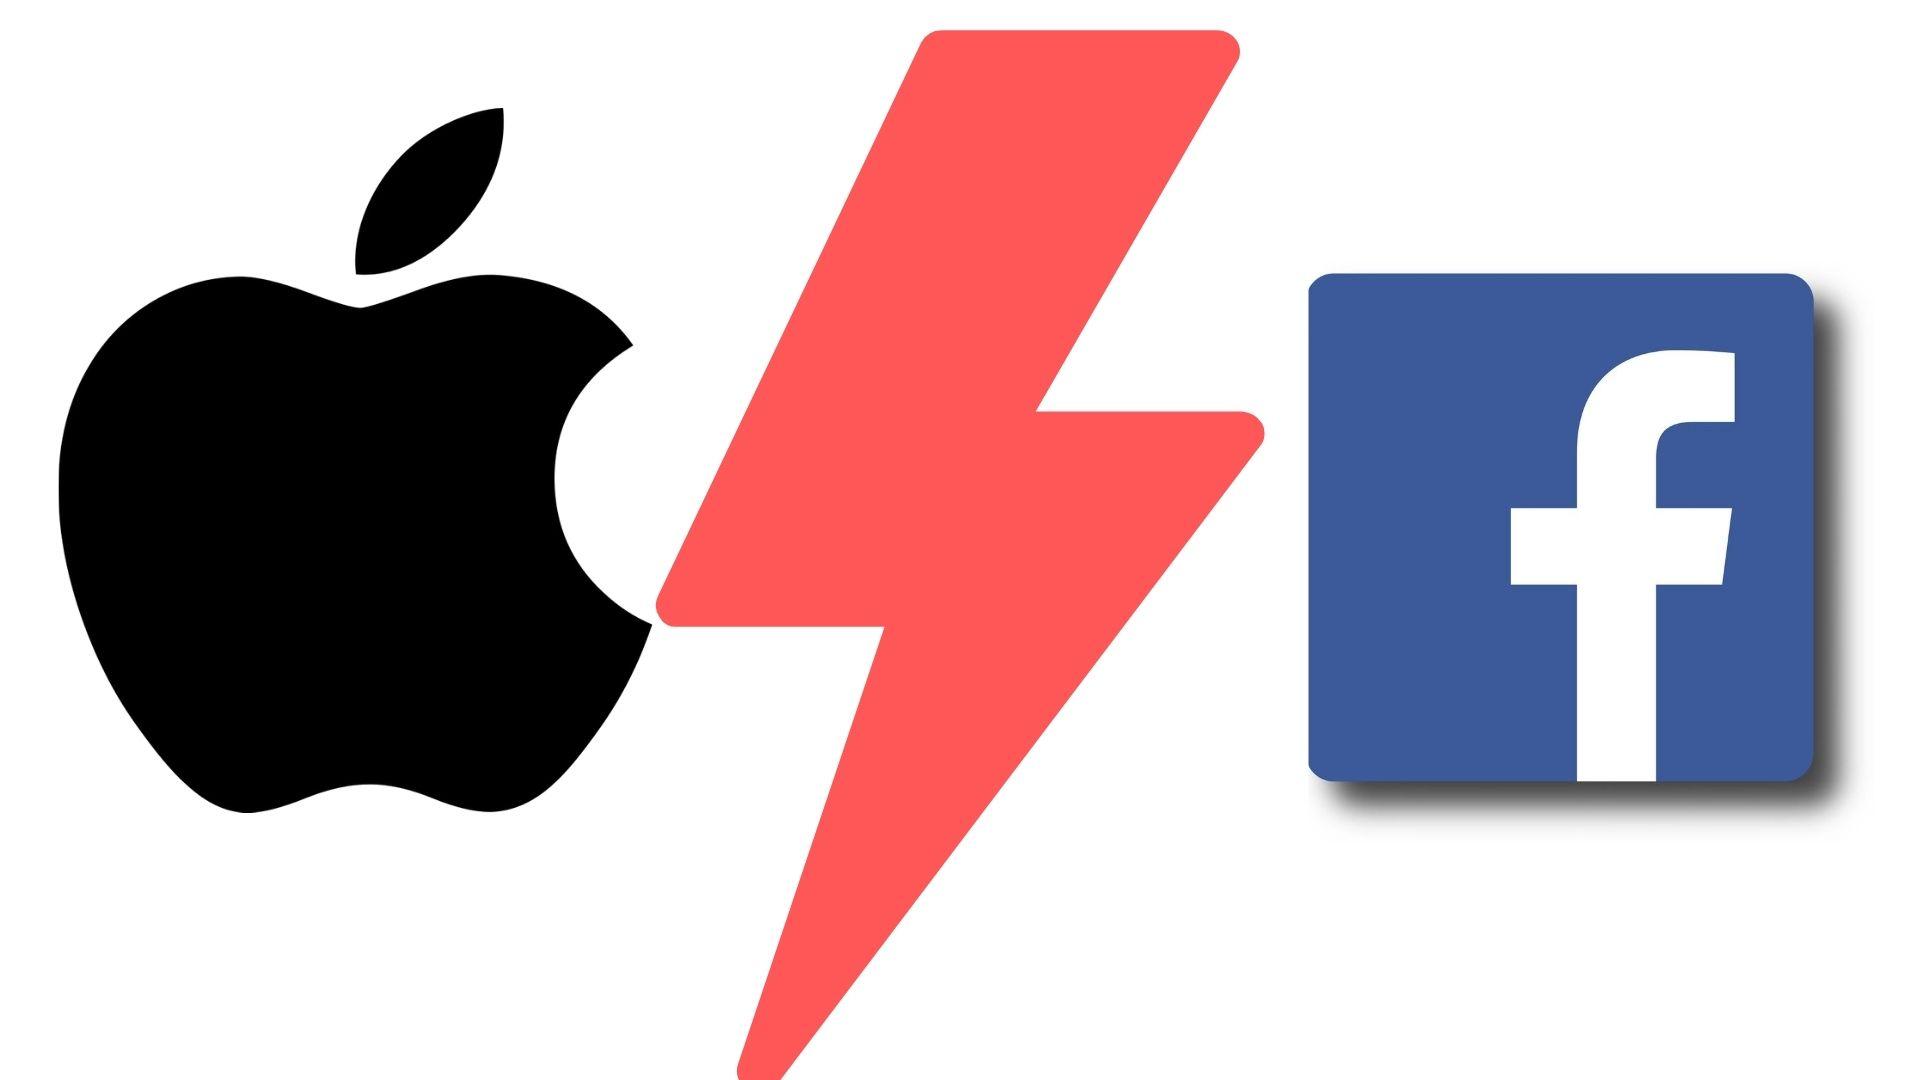 Début d'un bras de fer entre Facebook et Apple ?